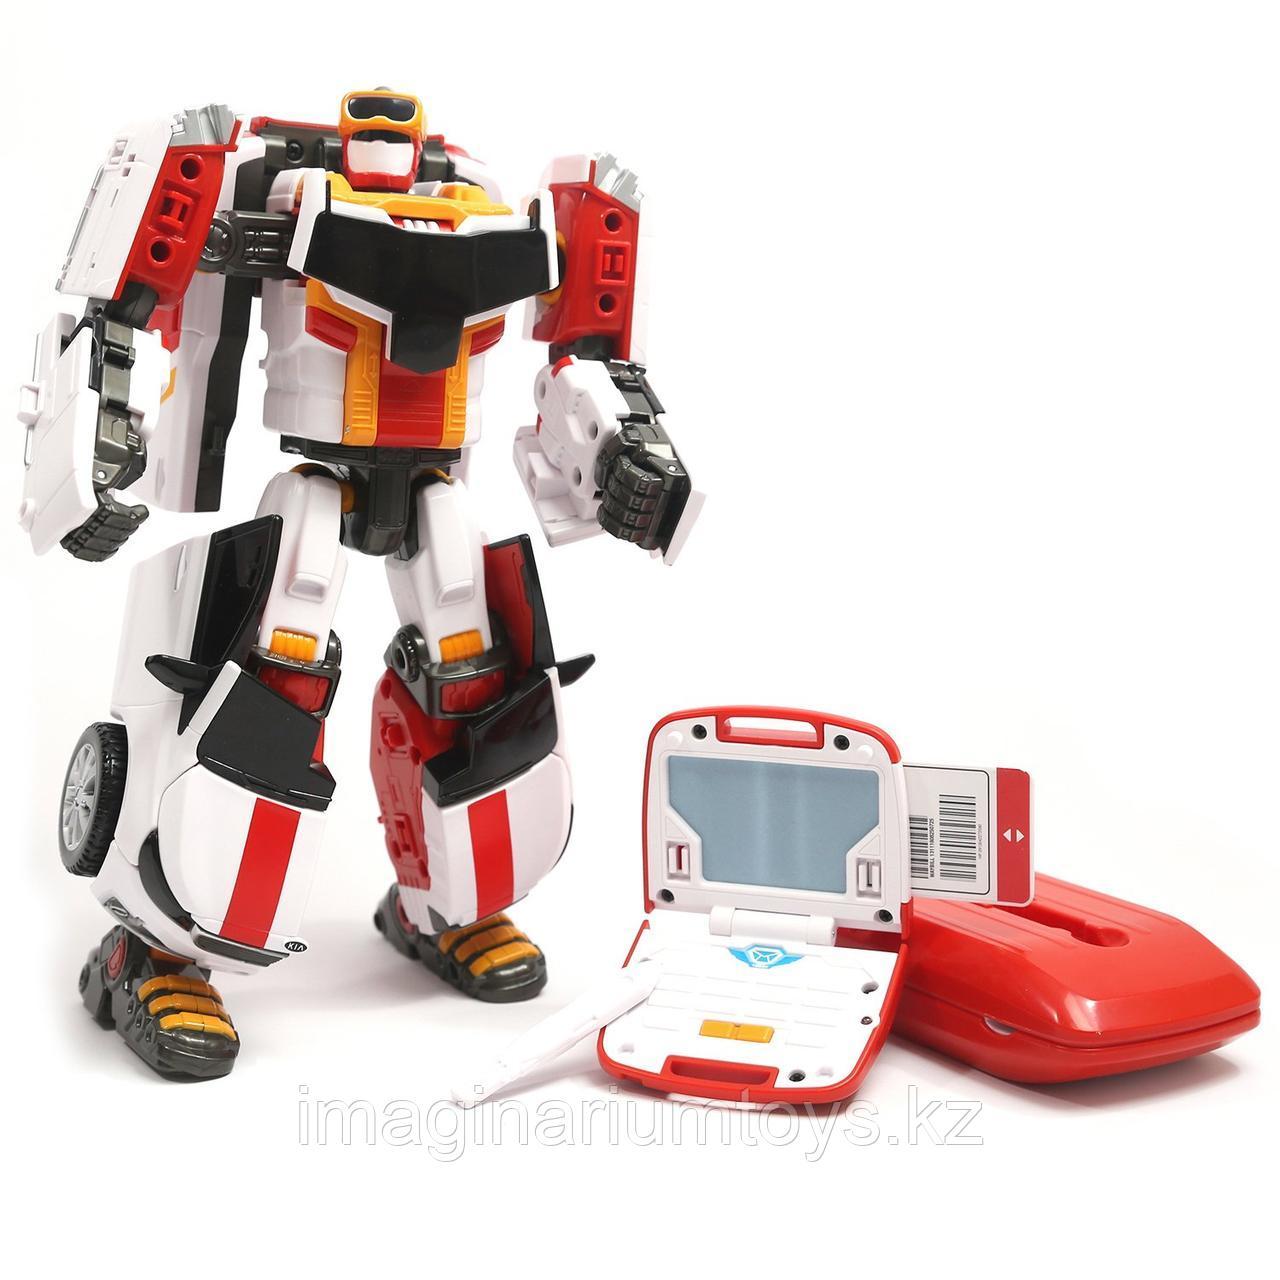 Робот Тобот V со звуком